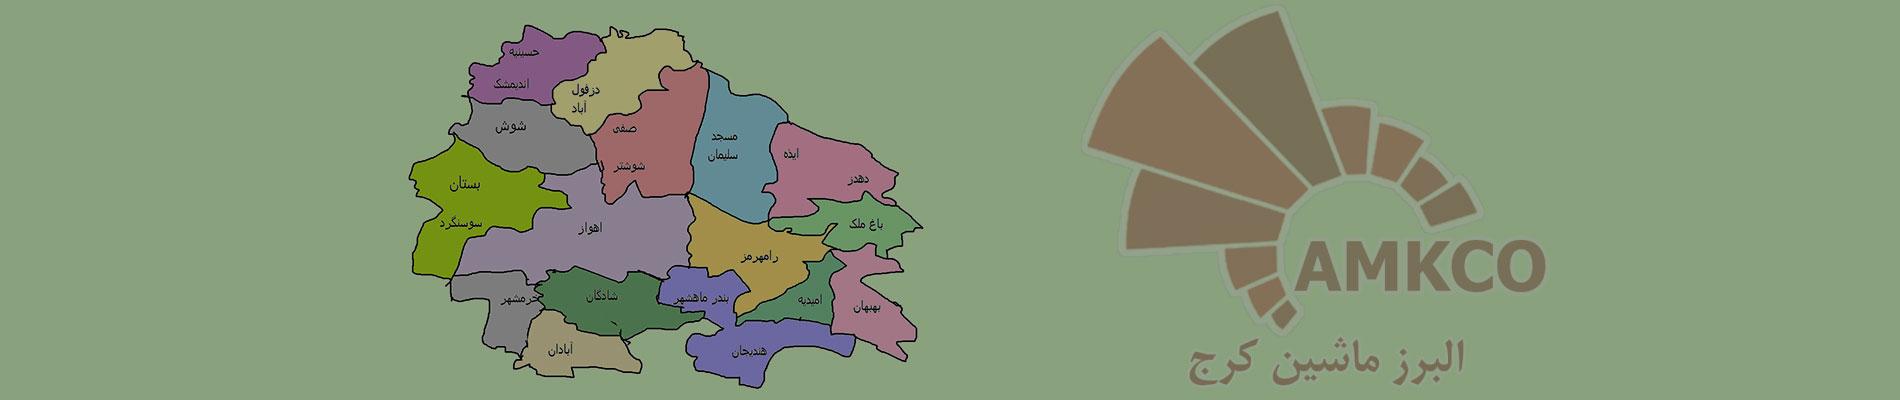 مشتری خوزستان